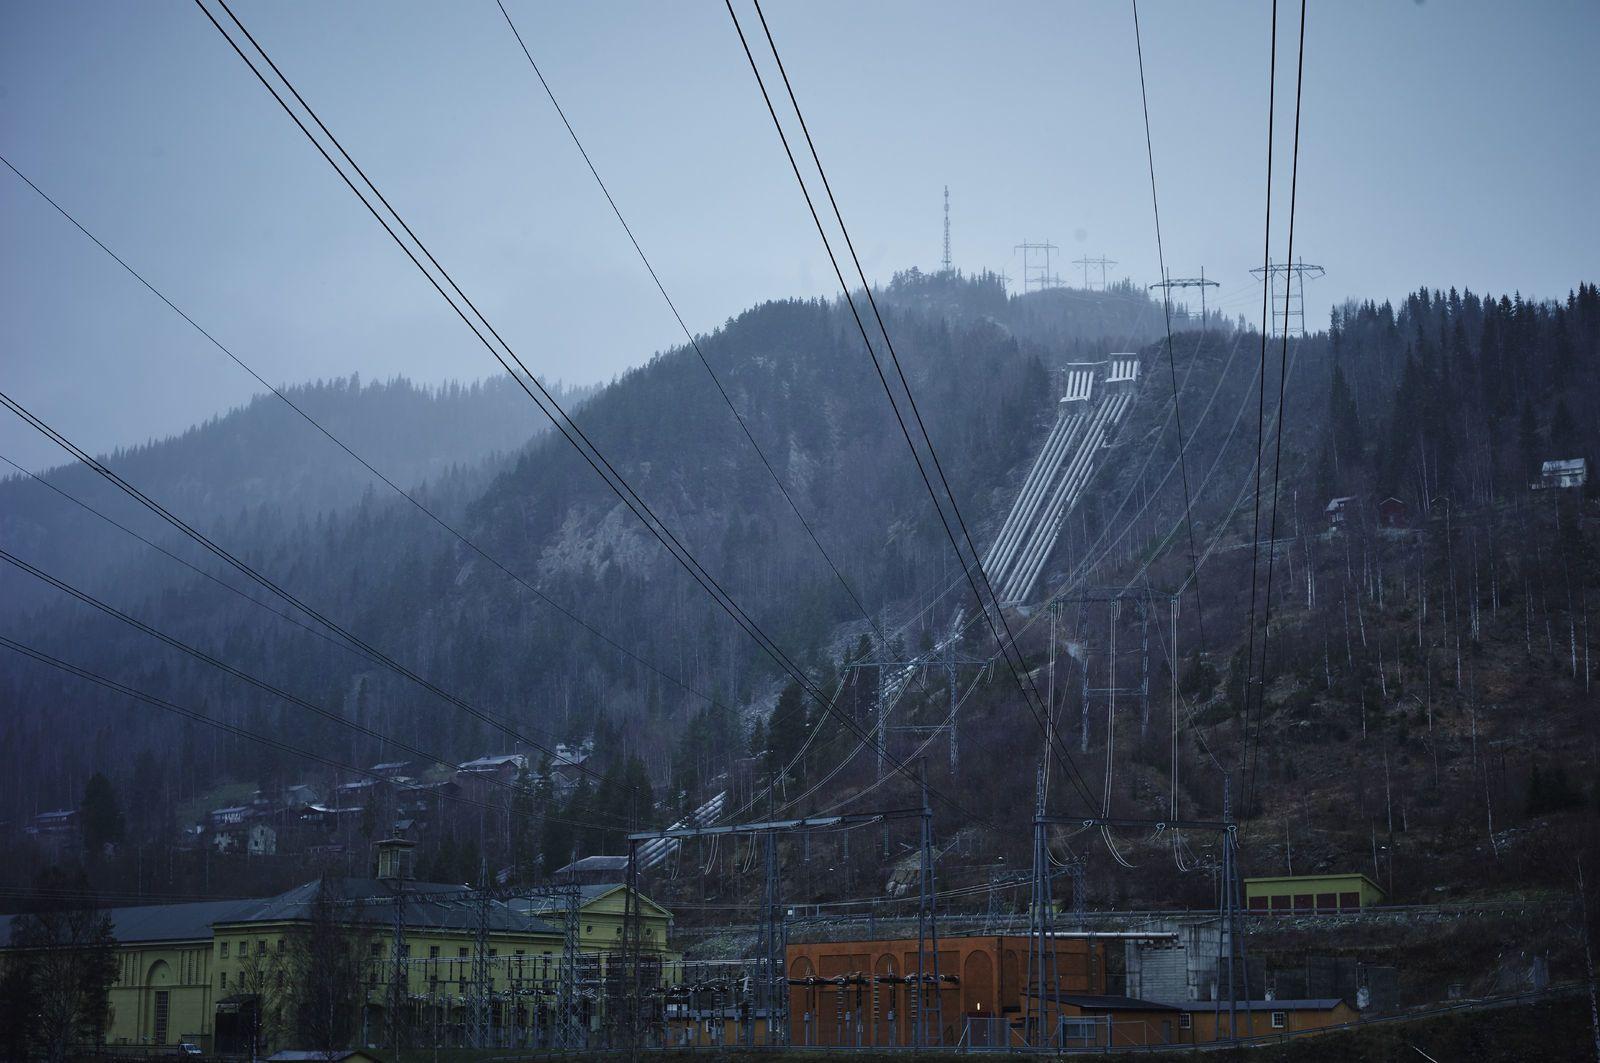 Lange kraftkabler strekker seg gjennom landskapet og opp en bakke. Foto: Øivind Haug